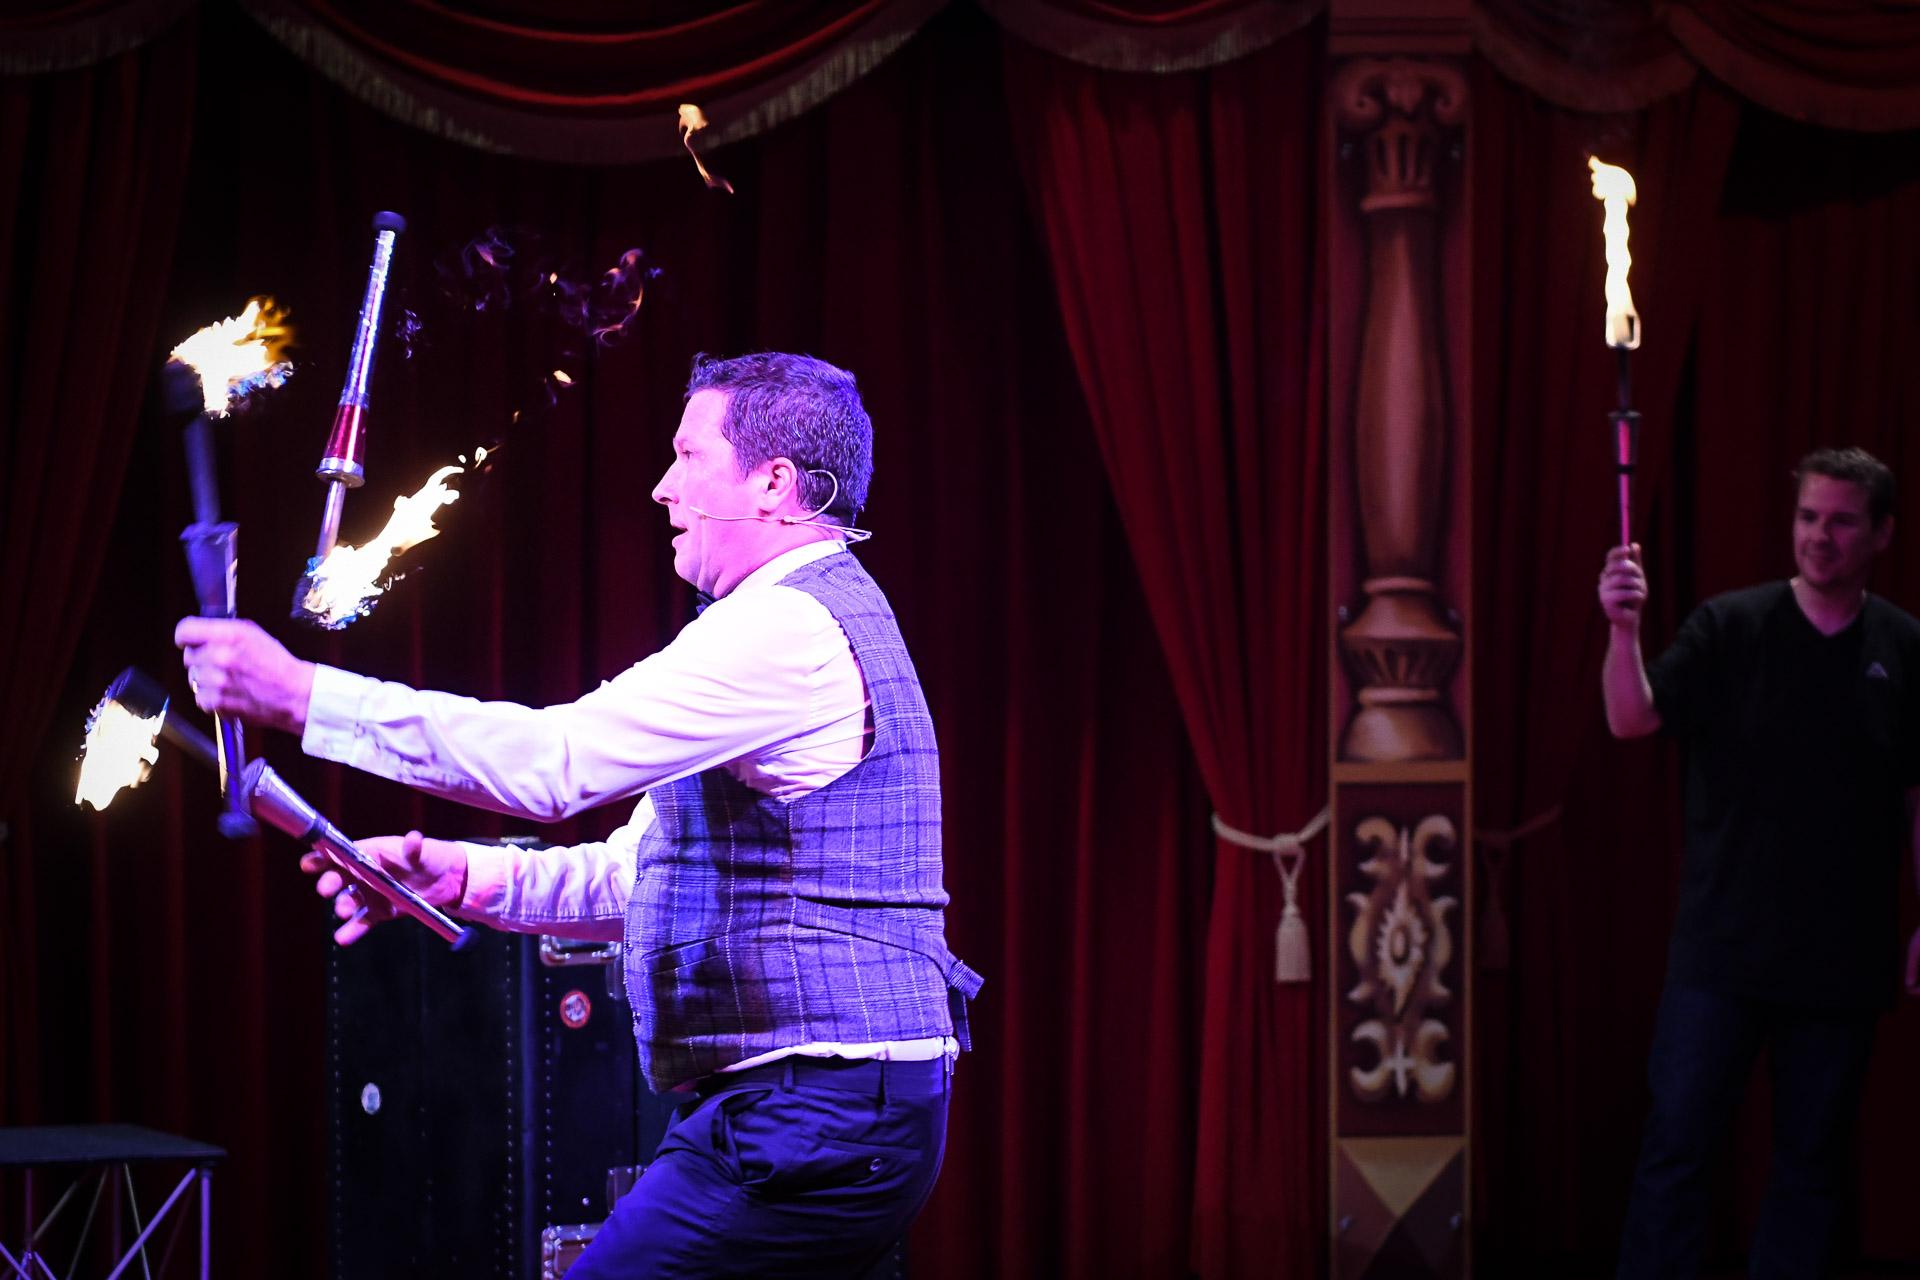 Sir Julian der Showact für Ihr Event und jeden feierlichen Anlass. Firmenfeier, Jubiläum, Gala, internationales Strassenkünstlerfestivals und Hochzeiten. Feuerjonglage, Feuerschlucken, mit Comedy Artistik . Waghalsige Akrobatik auf einem Rola Bola und das Publikum wird mitgerissen in spontaner Situationskomik. Ballonzauber rasante Jonglagen und Fingerspiele begeistern das Publikum. Die Comedyshow bringt wahre Helden auf die Bühne und entlässt sie wieder umjubelt in die Galagäste. Hier ist der Entertainer und Unterhaltungskünstler bei einer Show im Freizeitland Geiselwind